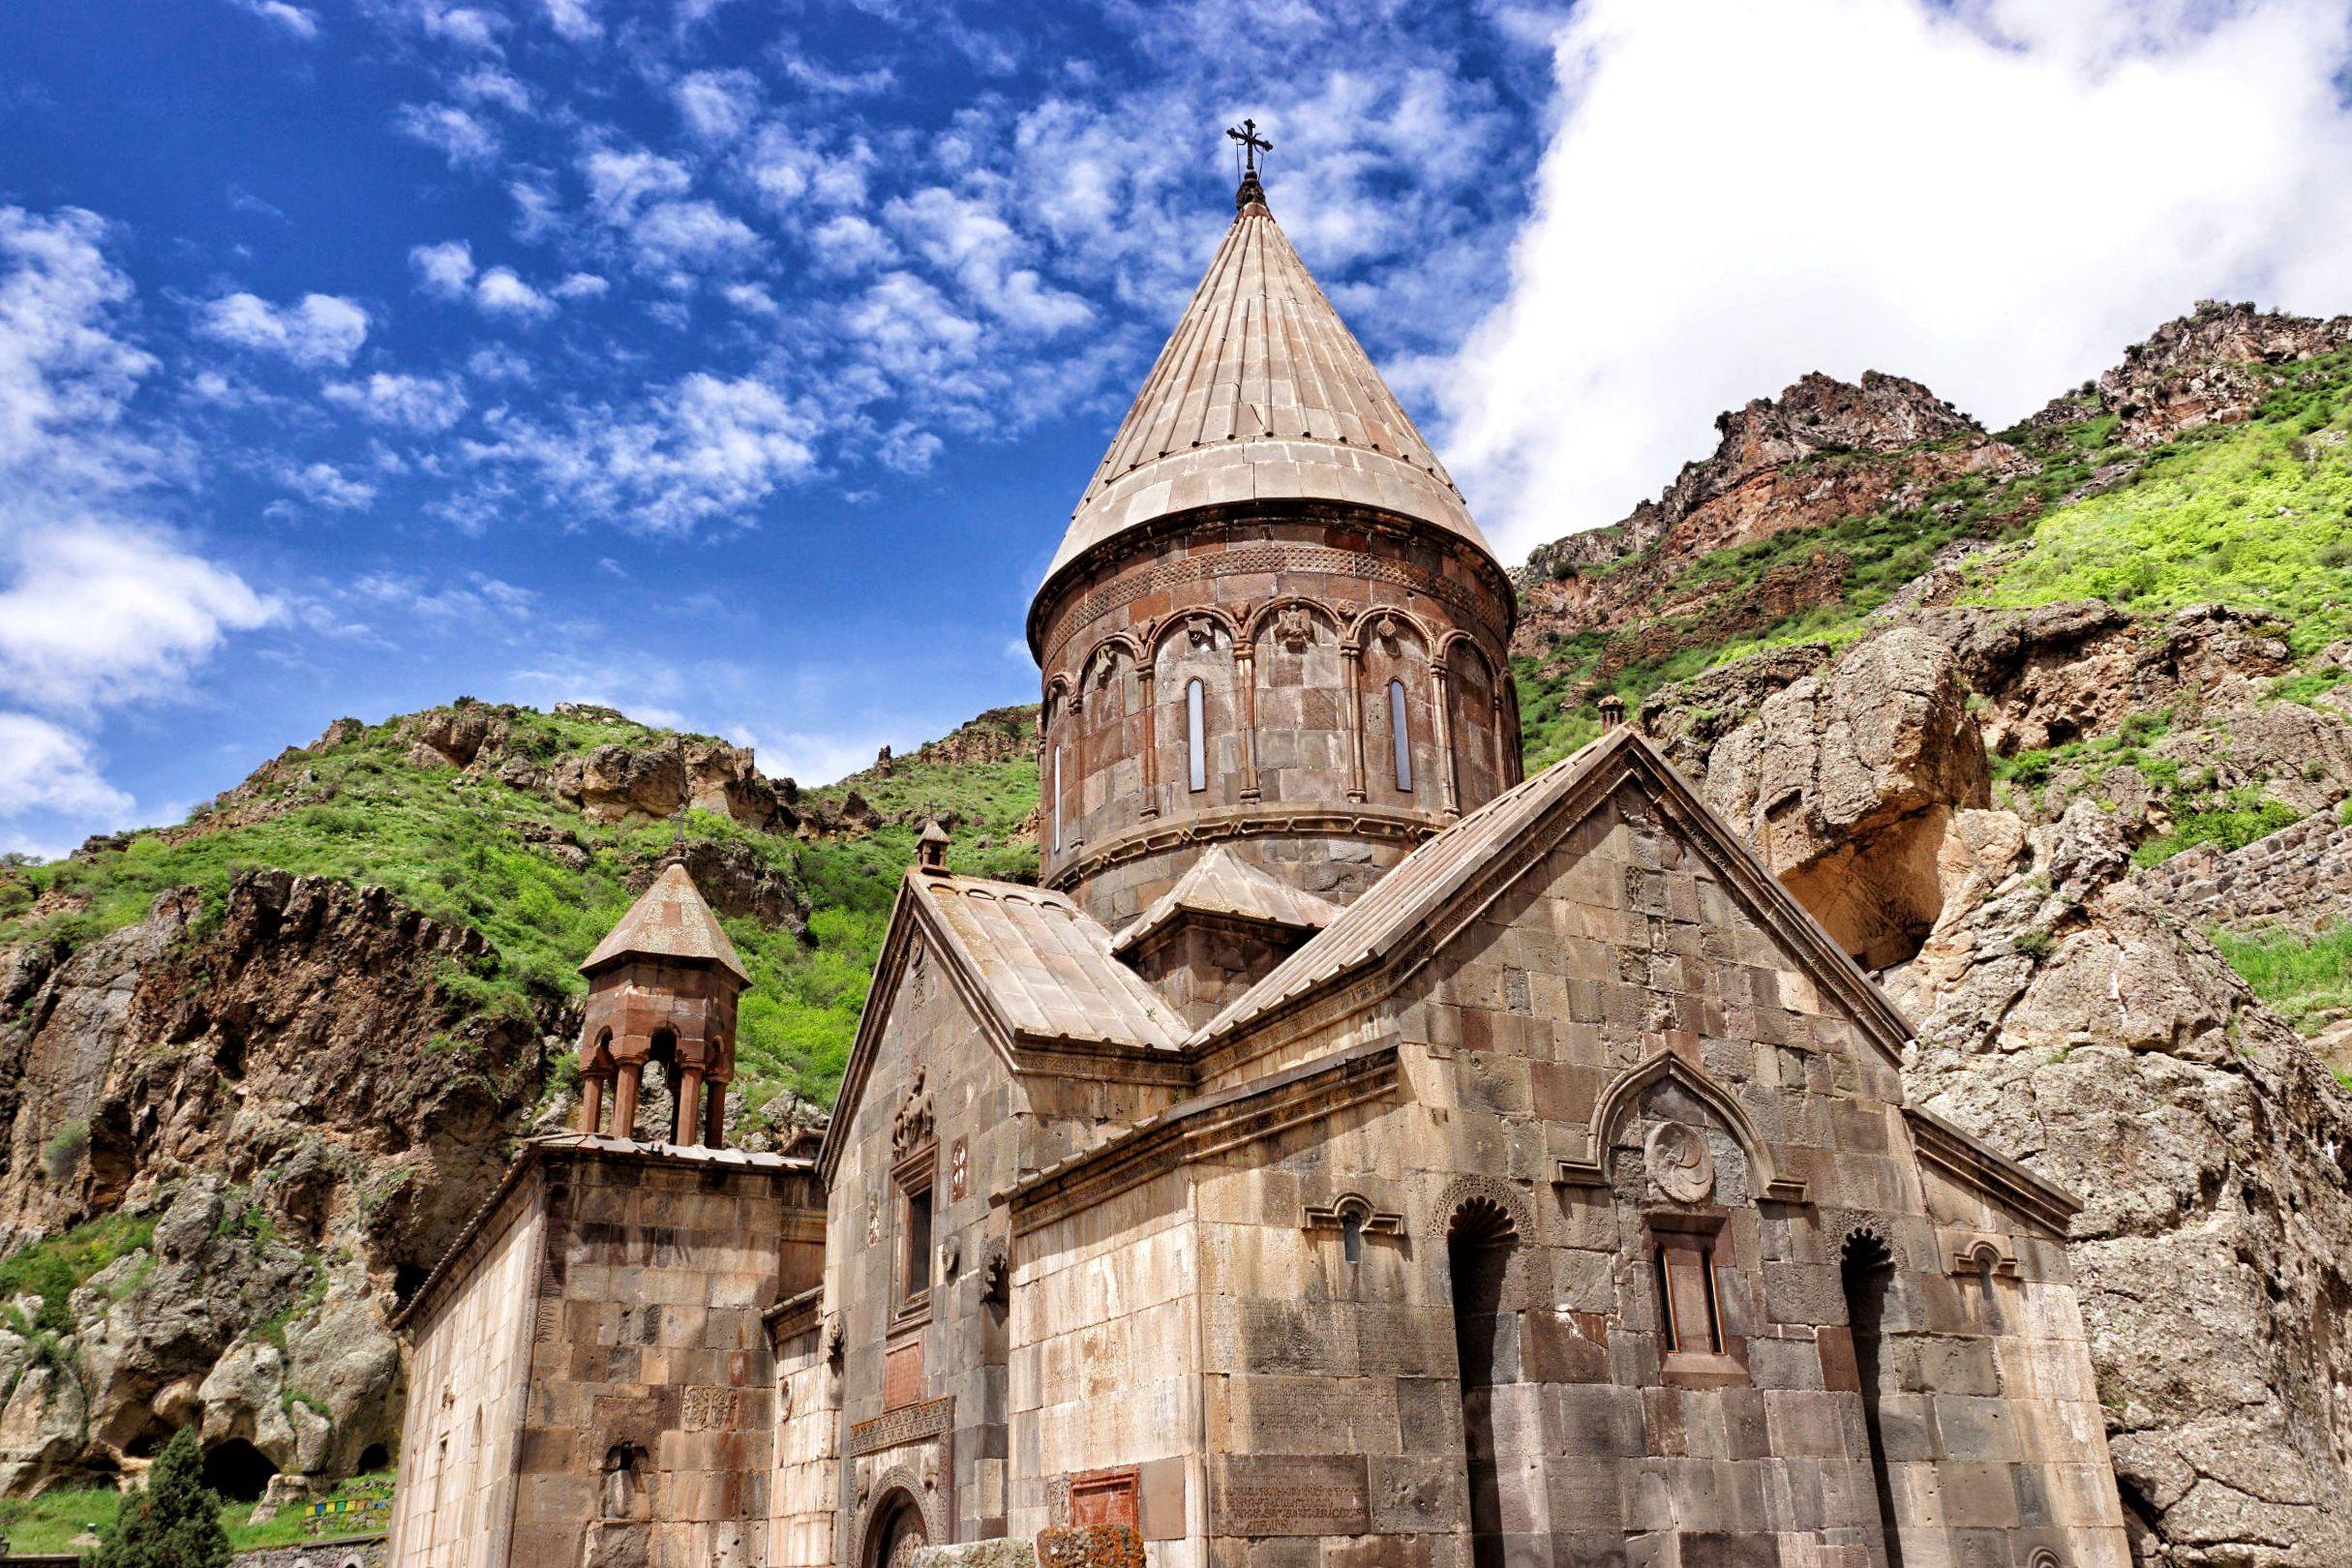 Armenia może poszczycić się aż 6 obiektami umieszczonymi na liście UNESCO